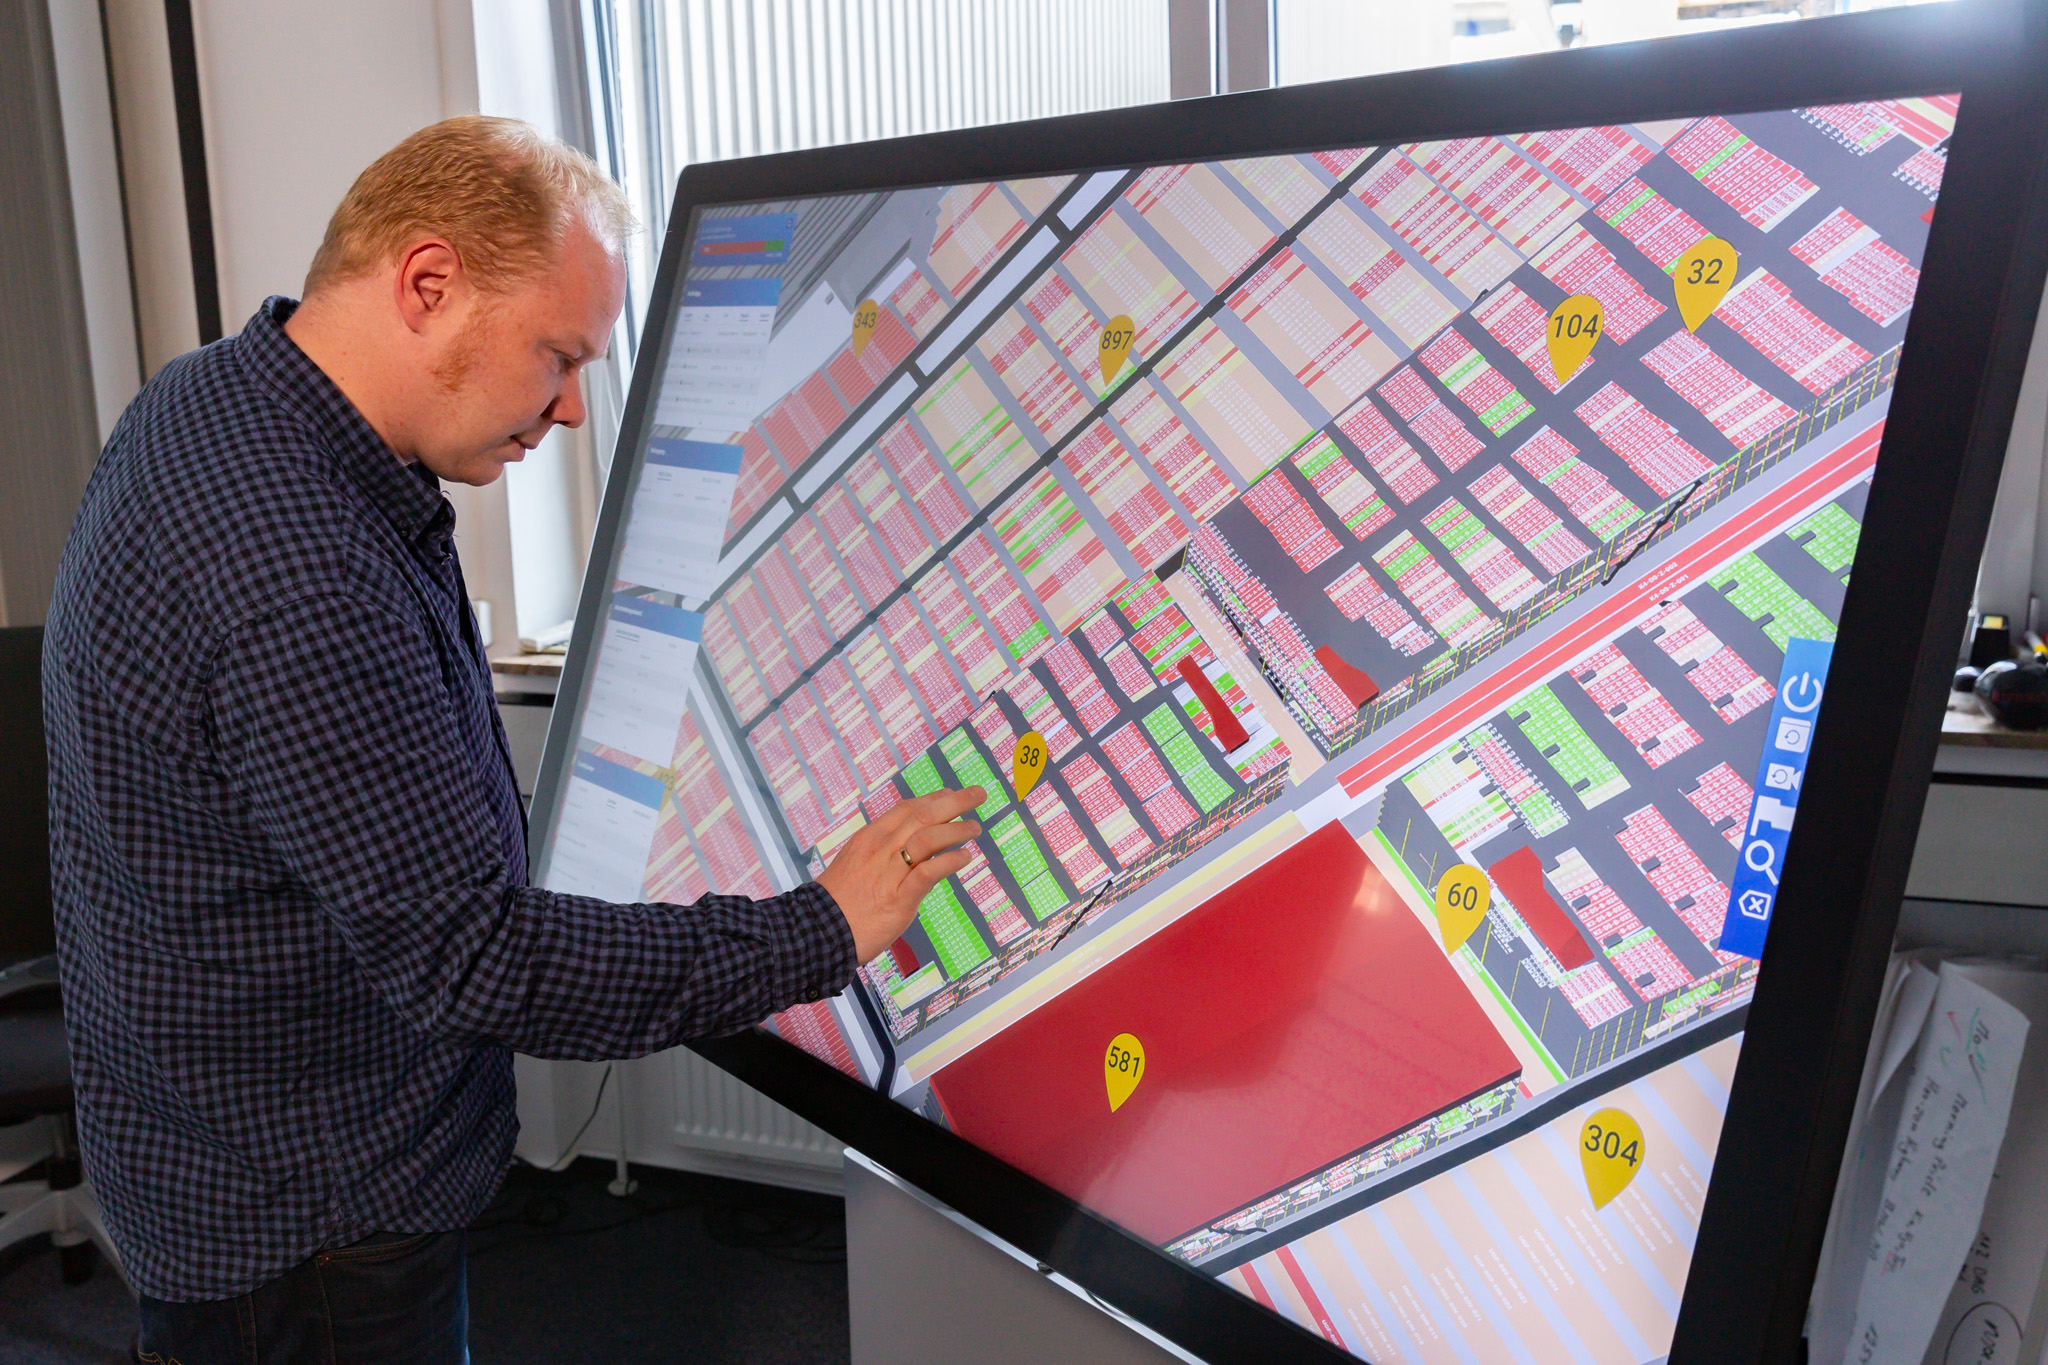 Der Multitouch-Tisch bildet das gesamte AutoTerminal ab, Bild: BLG Logistics